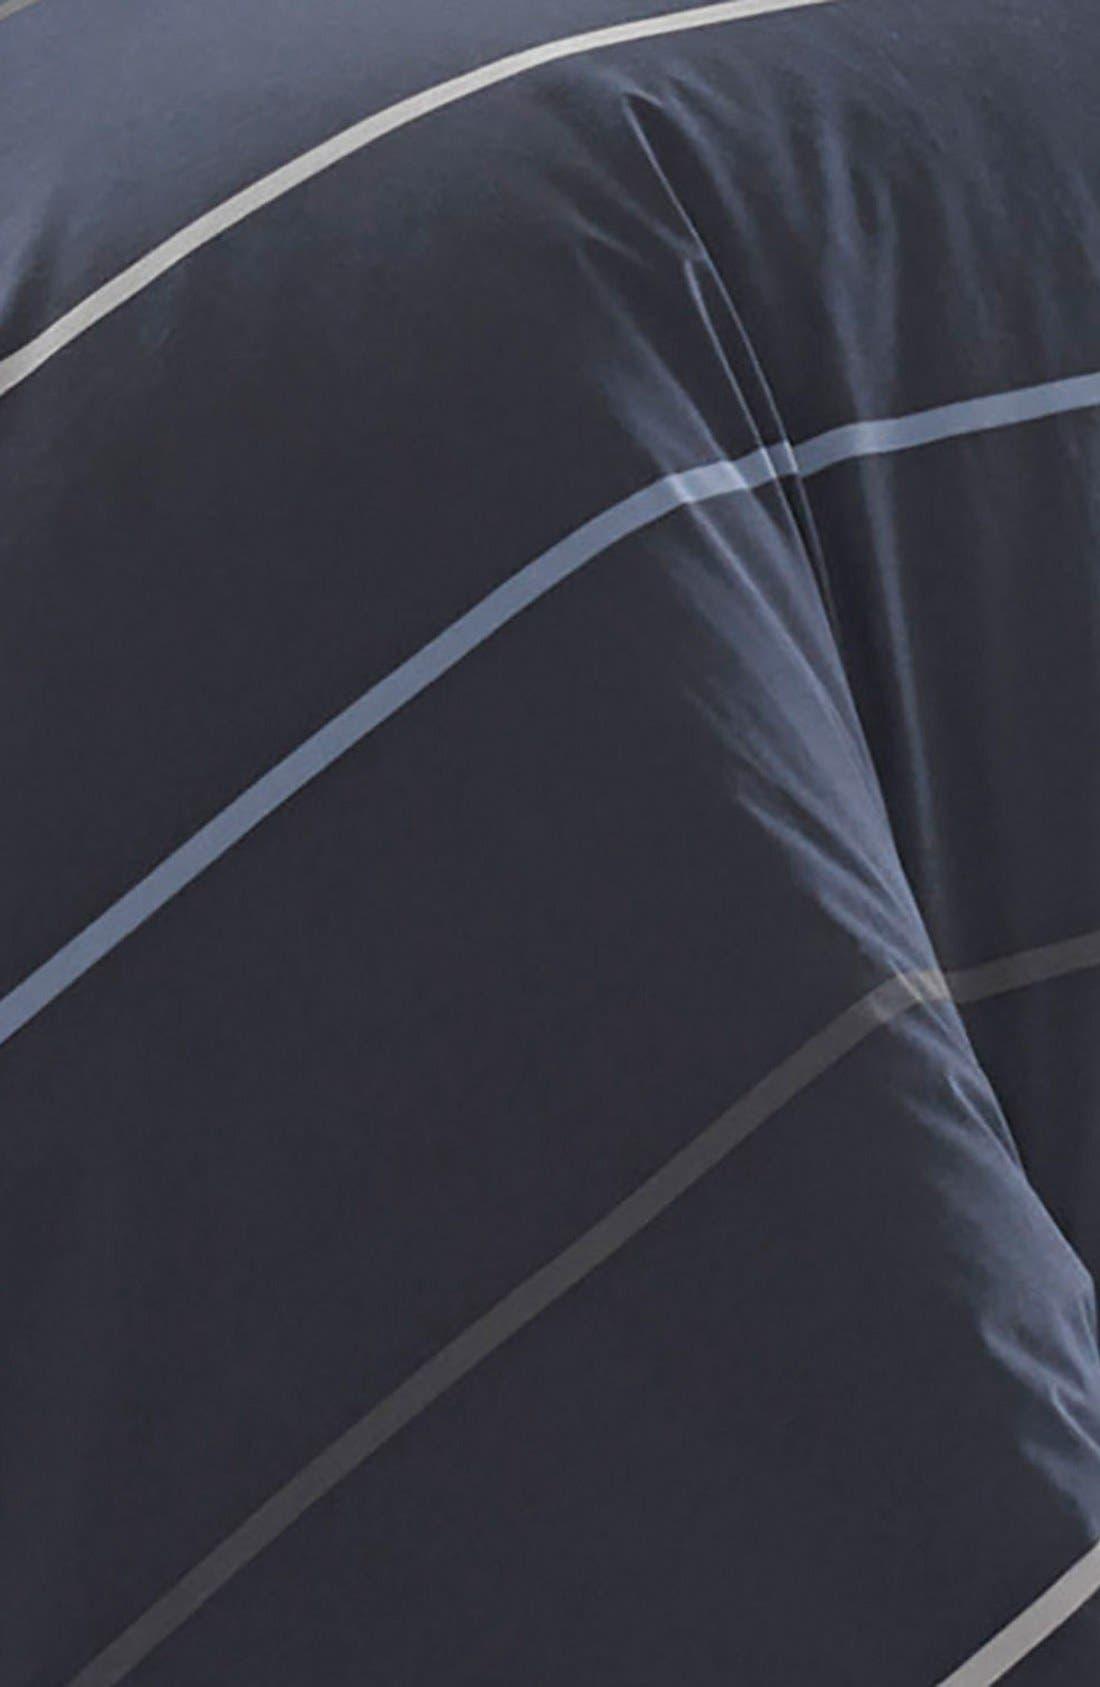 Southport Duvet Cover & Sham Set,                             Alternate thumbnail 3, color,                             NAVY